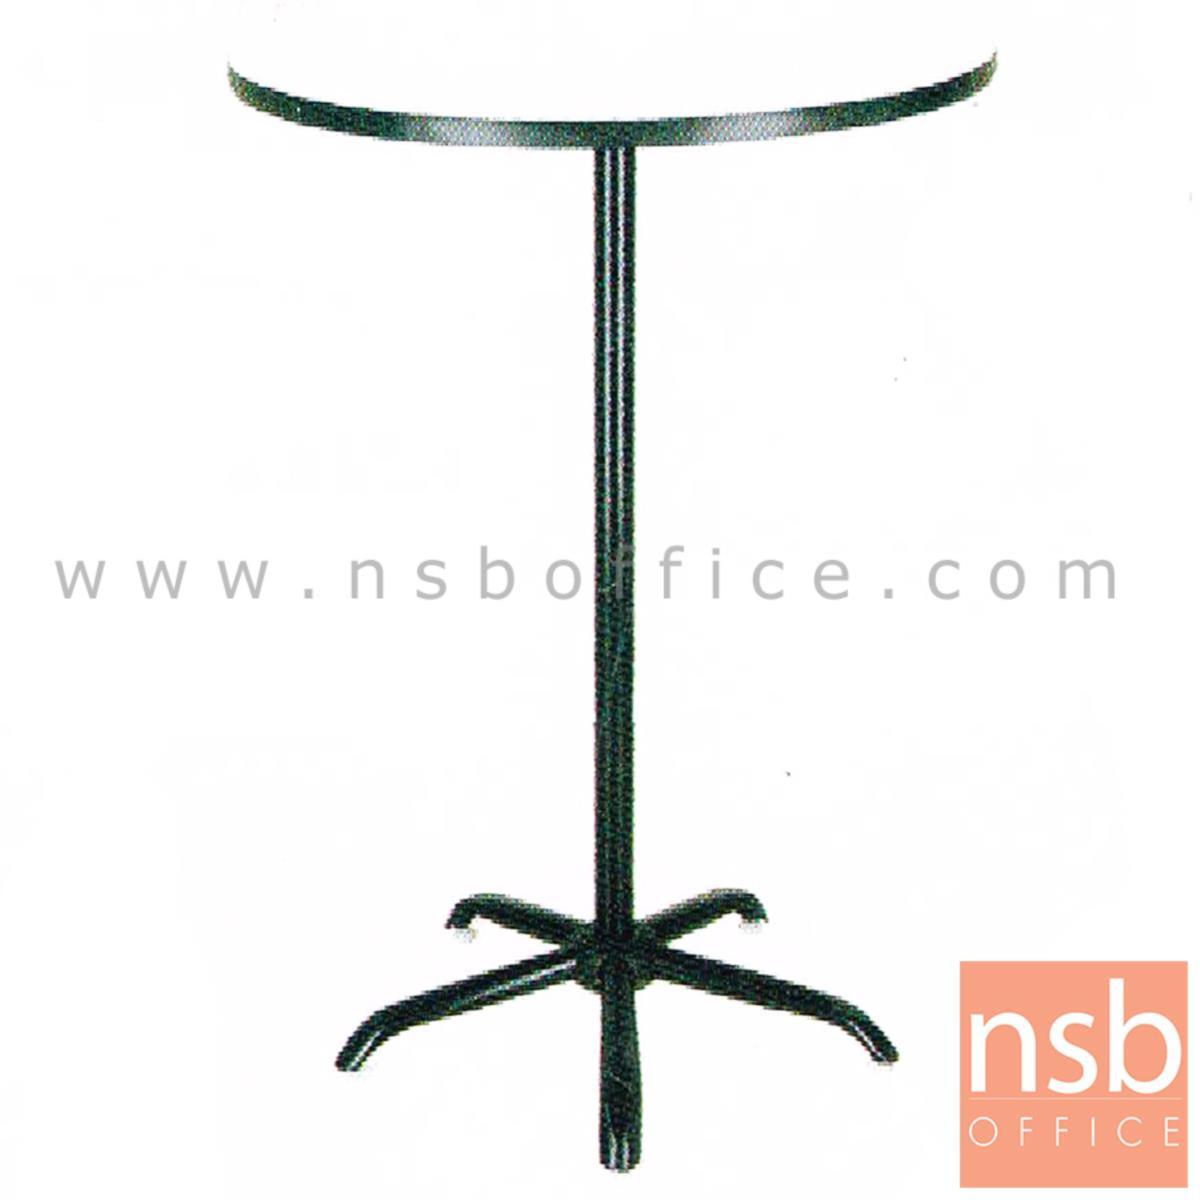 A07A081:โต๊ะคอฟฟี่ช็อป หน้าโฟเมก้า รุ่น Swindon (สวินดัน) ขนาด 75Di 110H cm. โครงขาเหล็ก 5 แฉกสีดำ